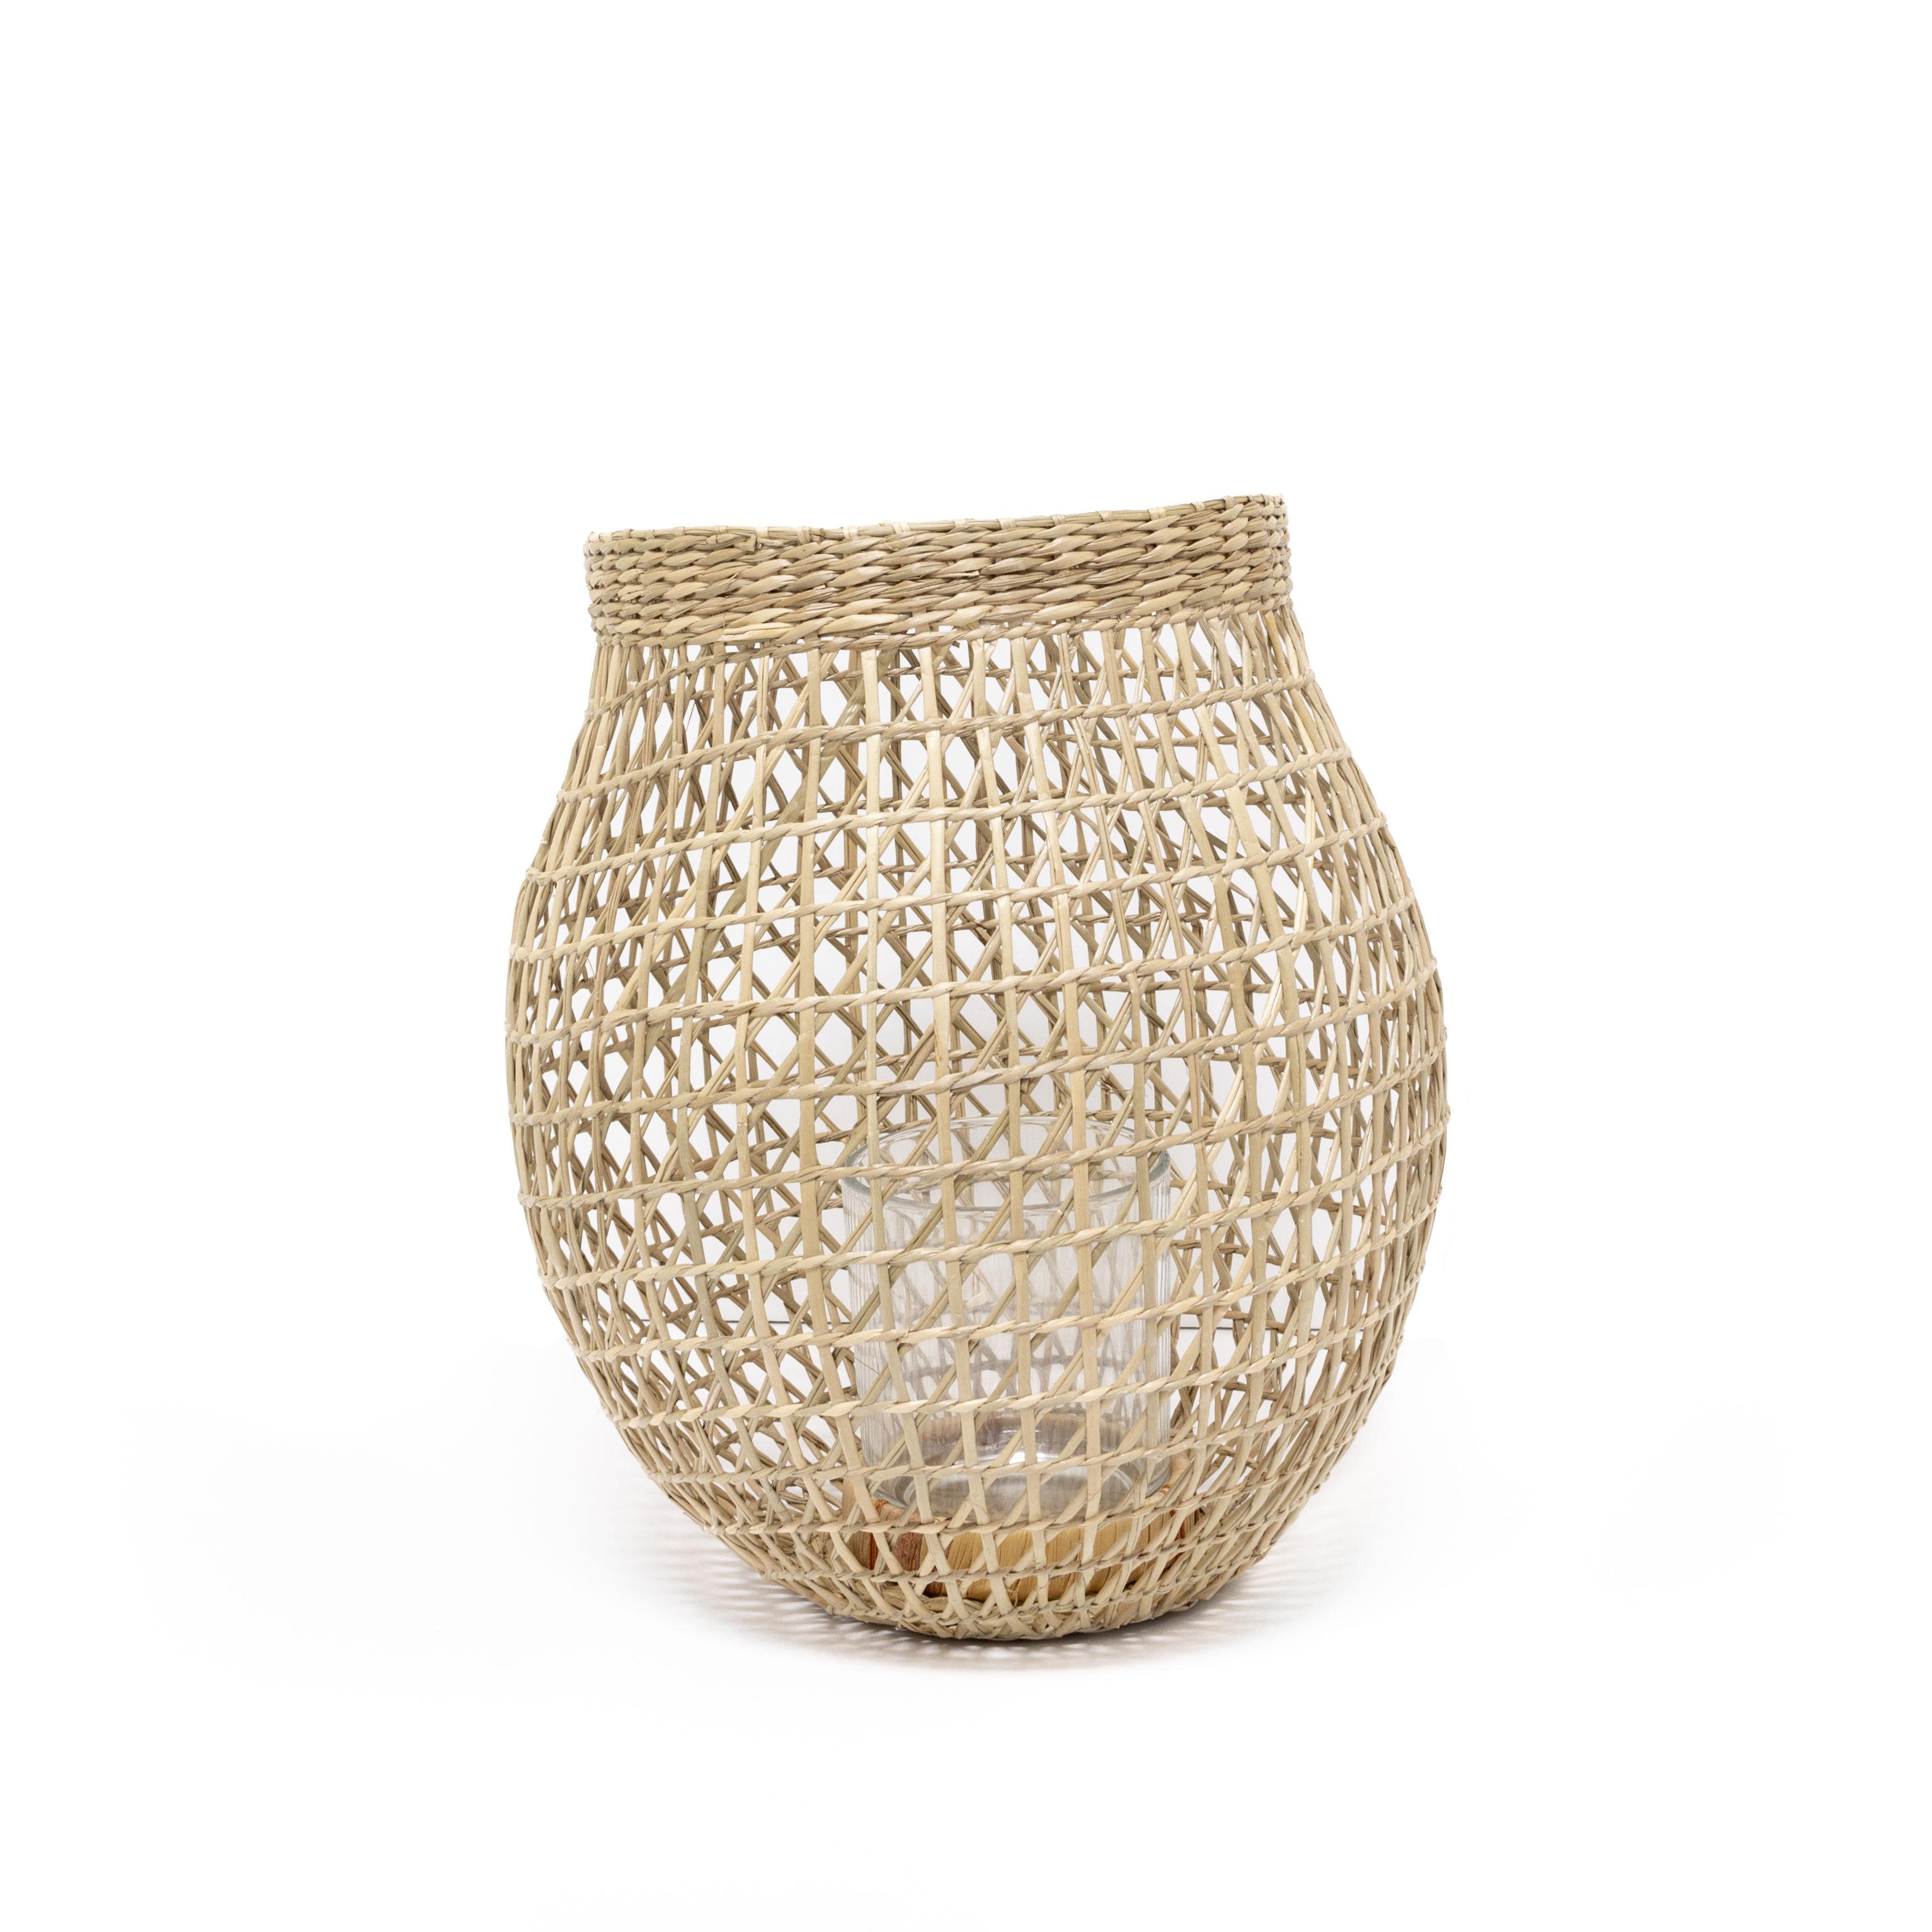 Seagrass Lanterns - Large